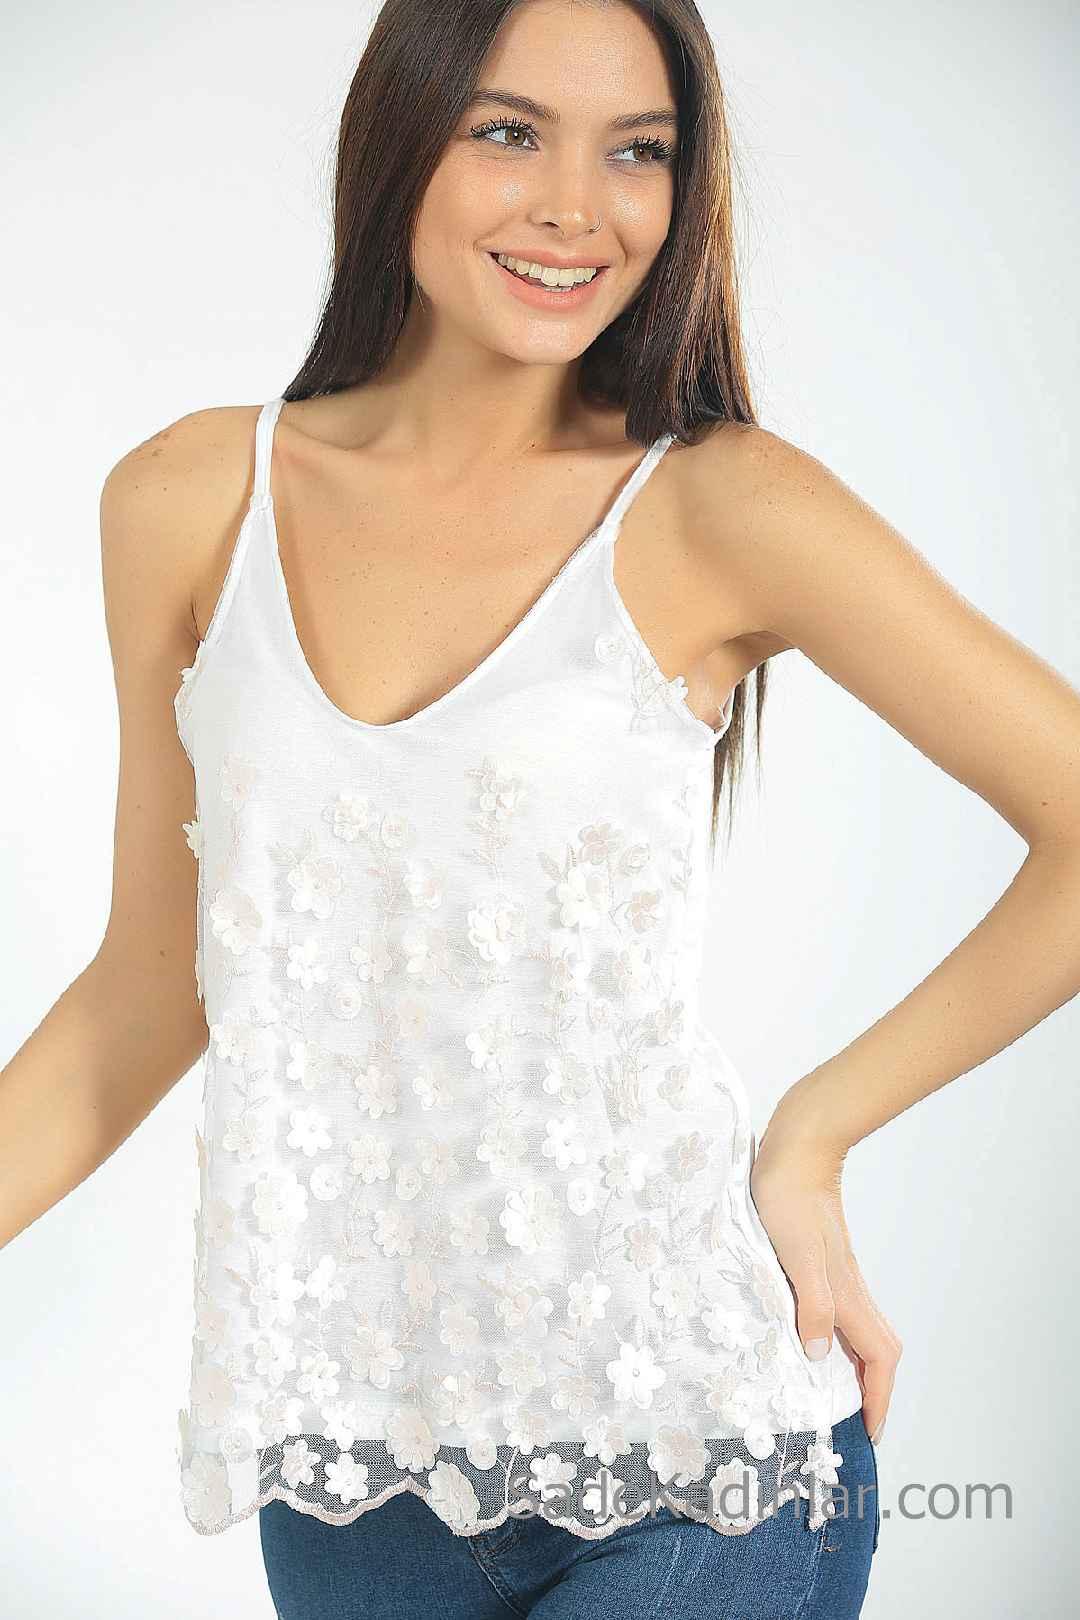 Yazlık Askılı Bluz Modelleri Beyaz İp Askılı V Yakalı Çiçek İşlemeli